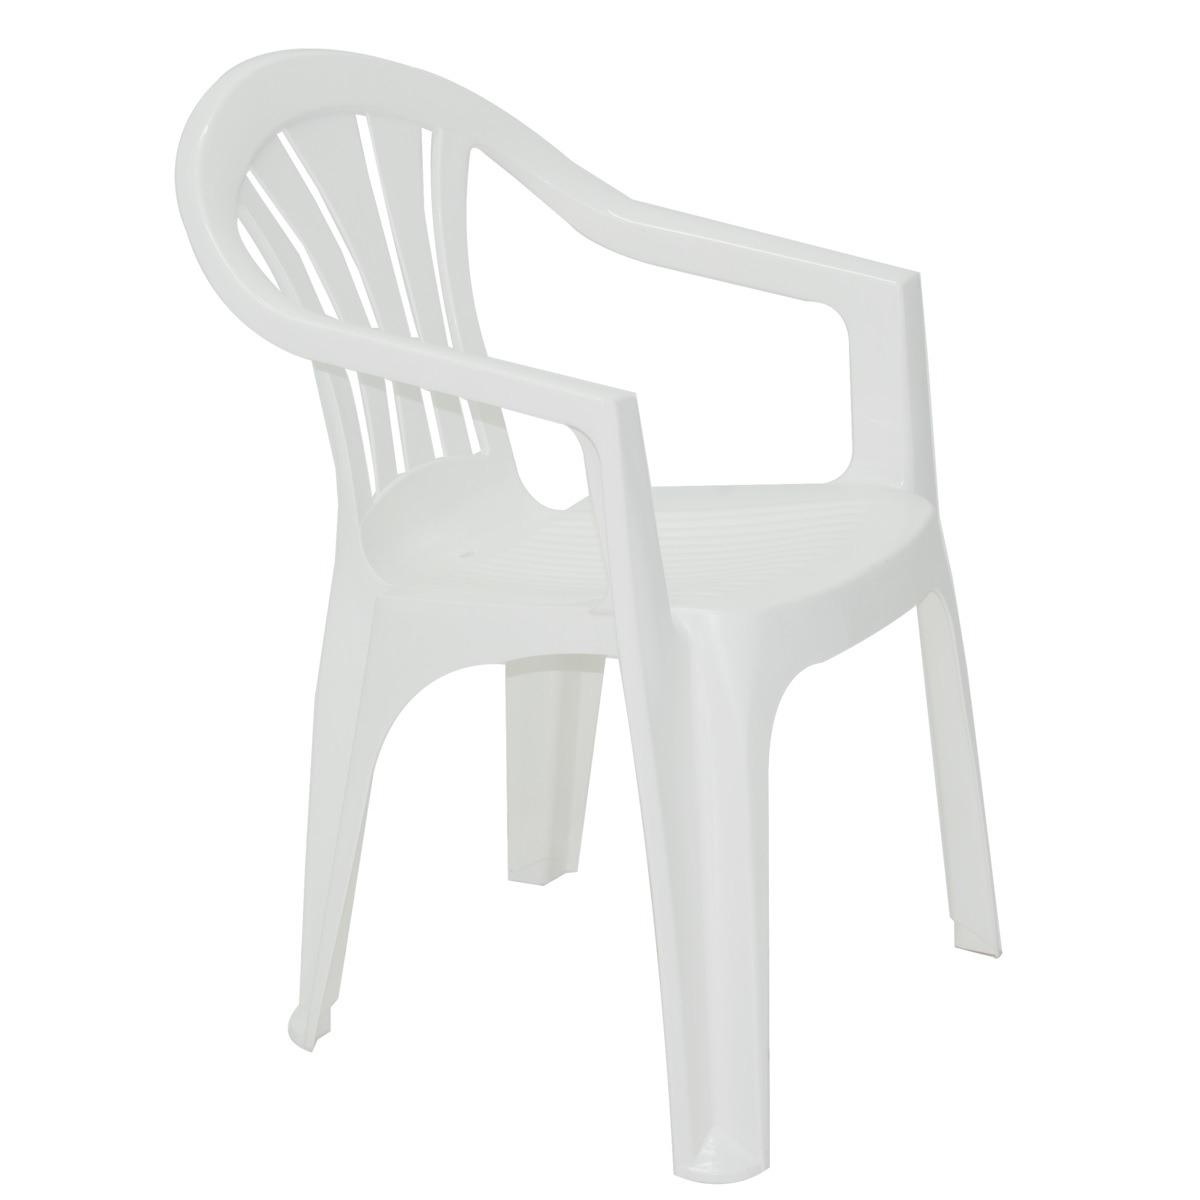 Cadeira Tramontina Branca Bertioga em Polipropileno